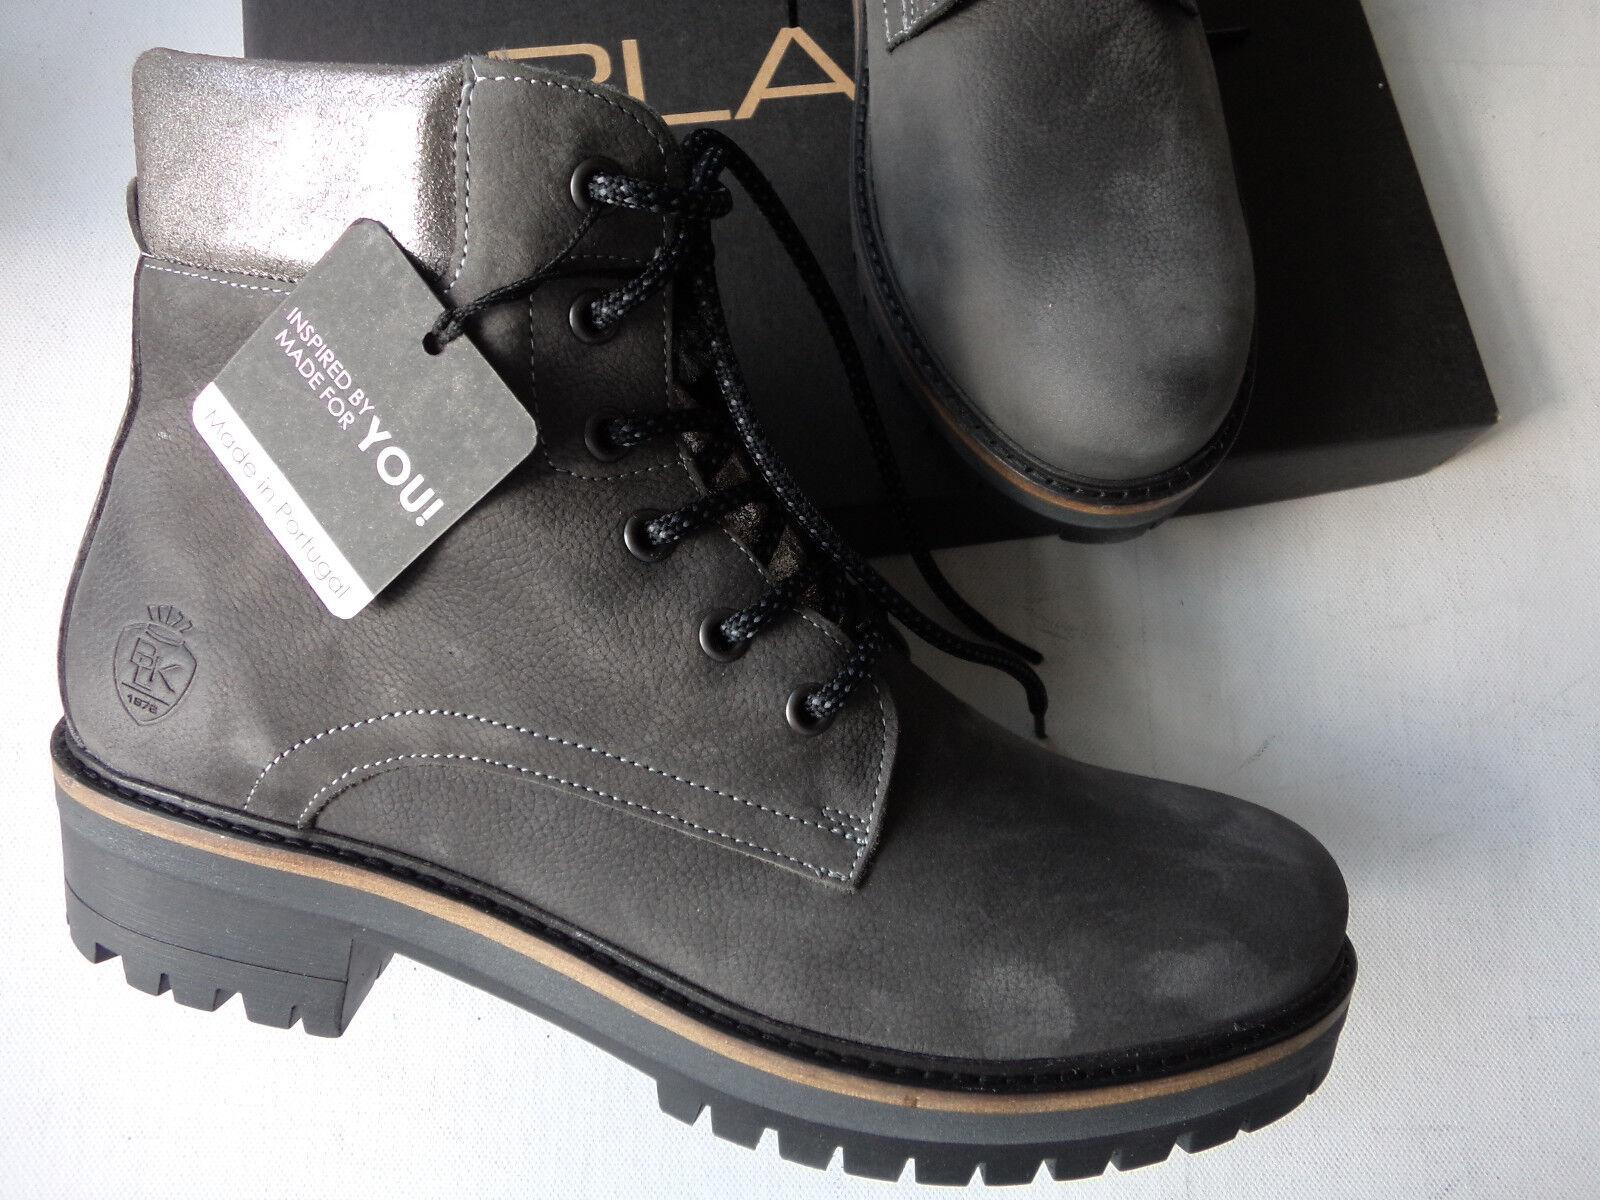 NEU schwarz Stiefel Stiefelette echt Leder dunkelgrau Made in Portugal Größe 37- 42